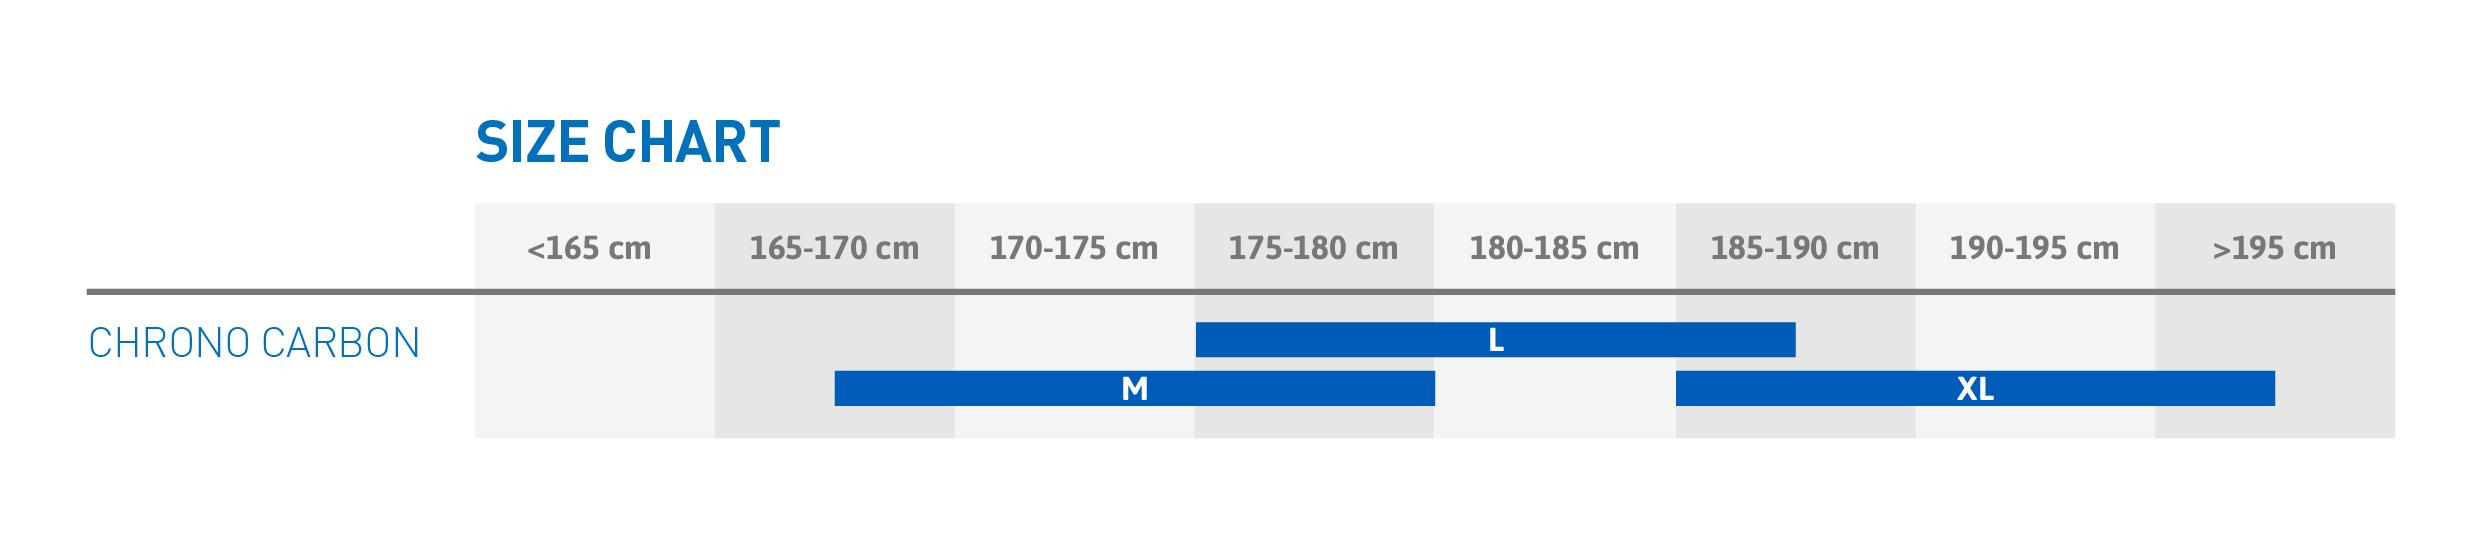 Tabela rozmiarów roweru Mondraker Chrono